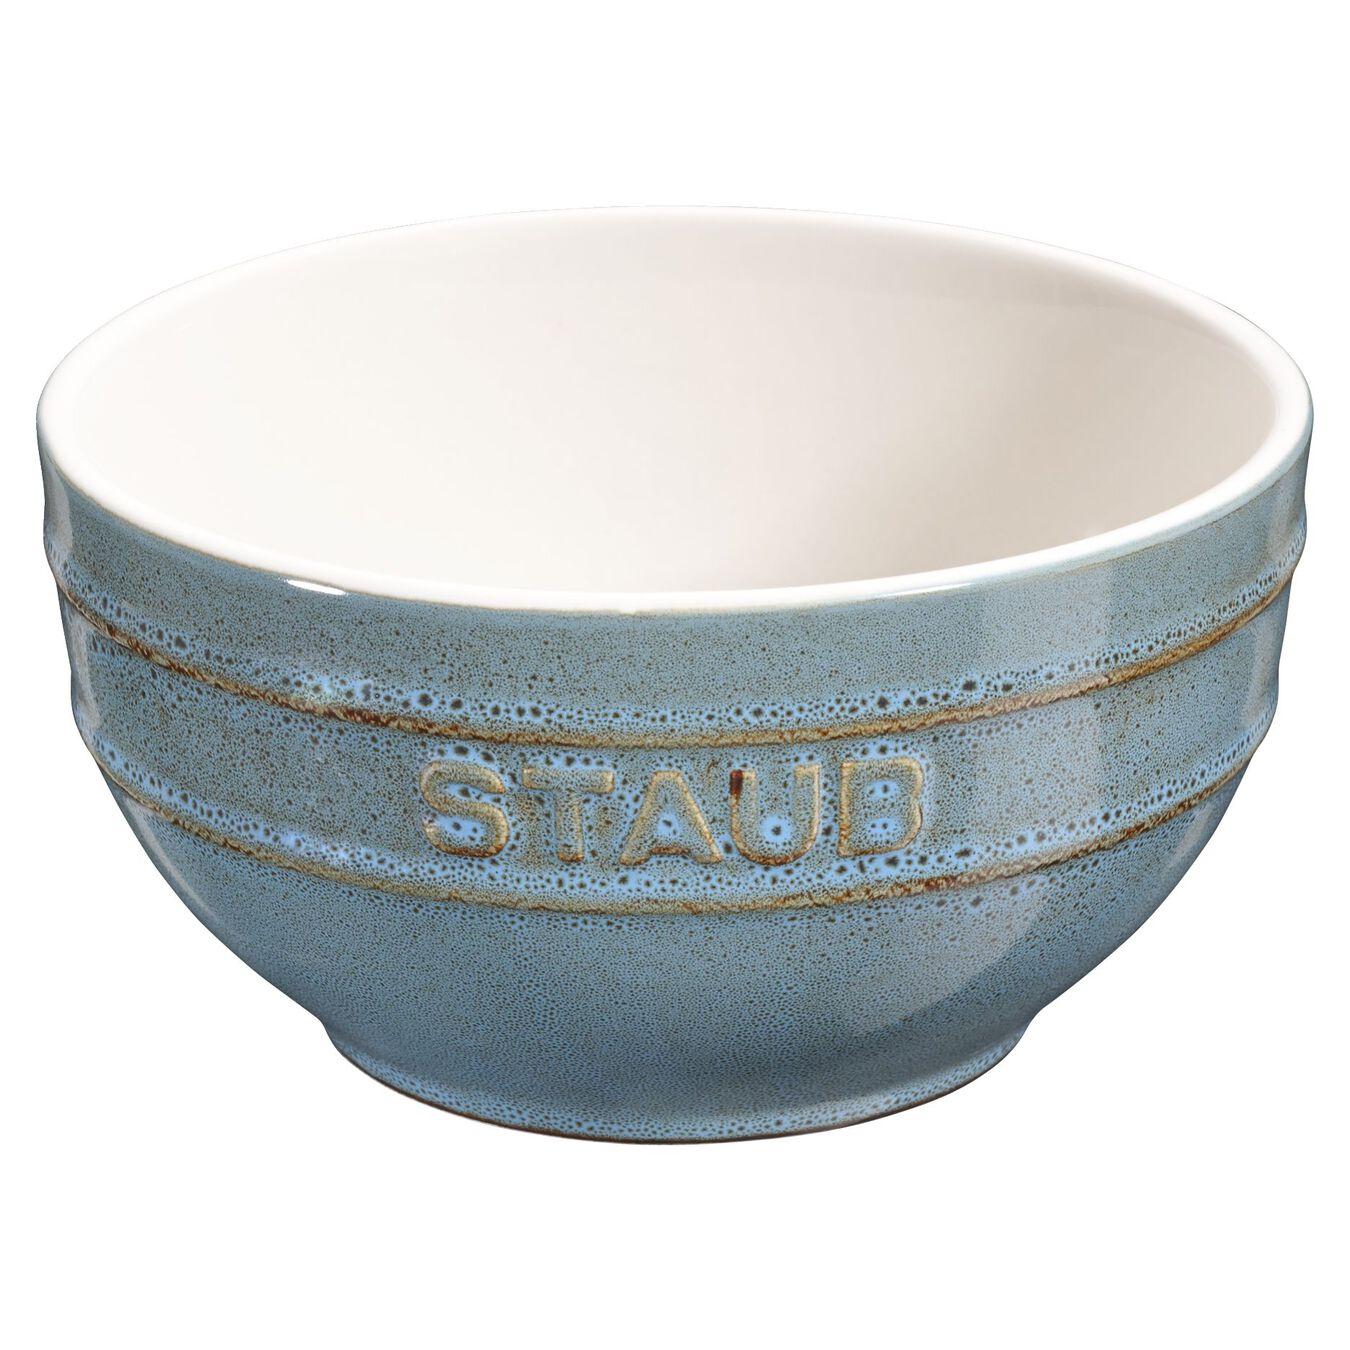 Ciotola rotonda - 14 cm, Colore turchese antico,,large 1